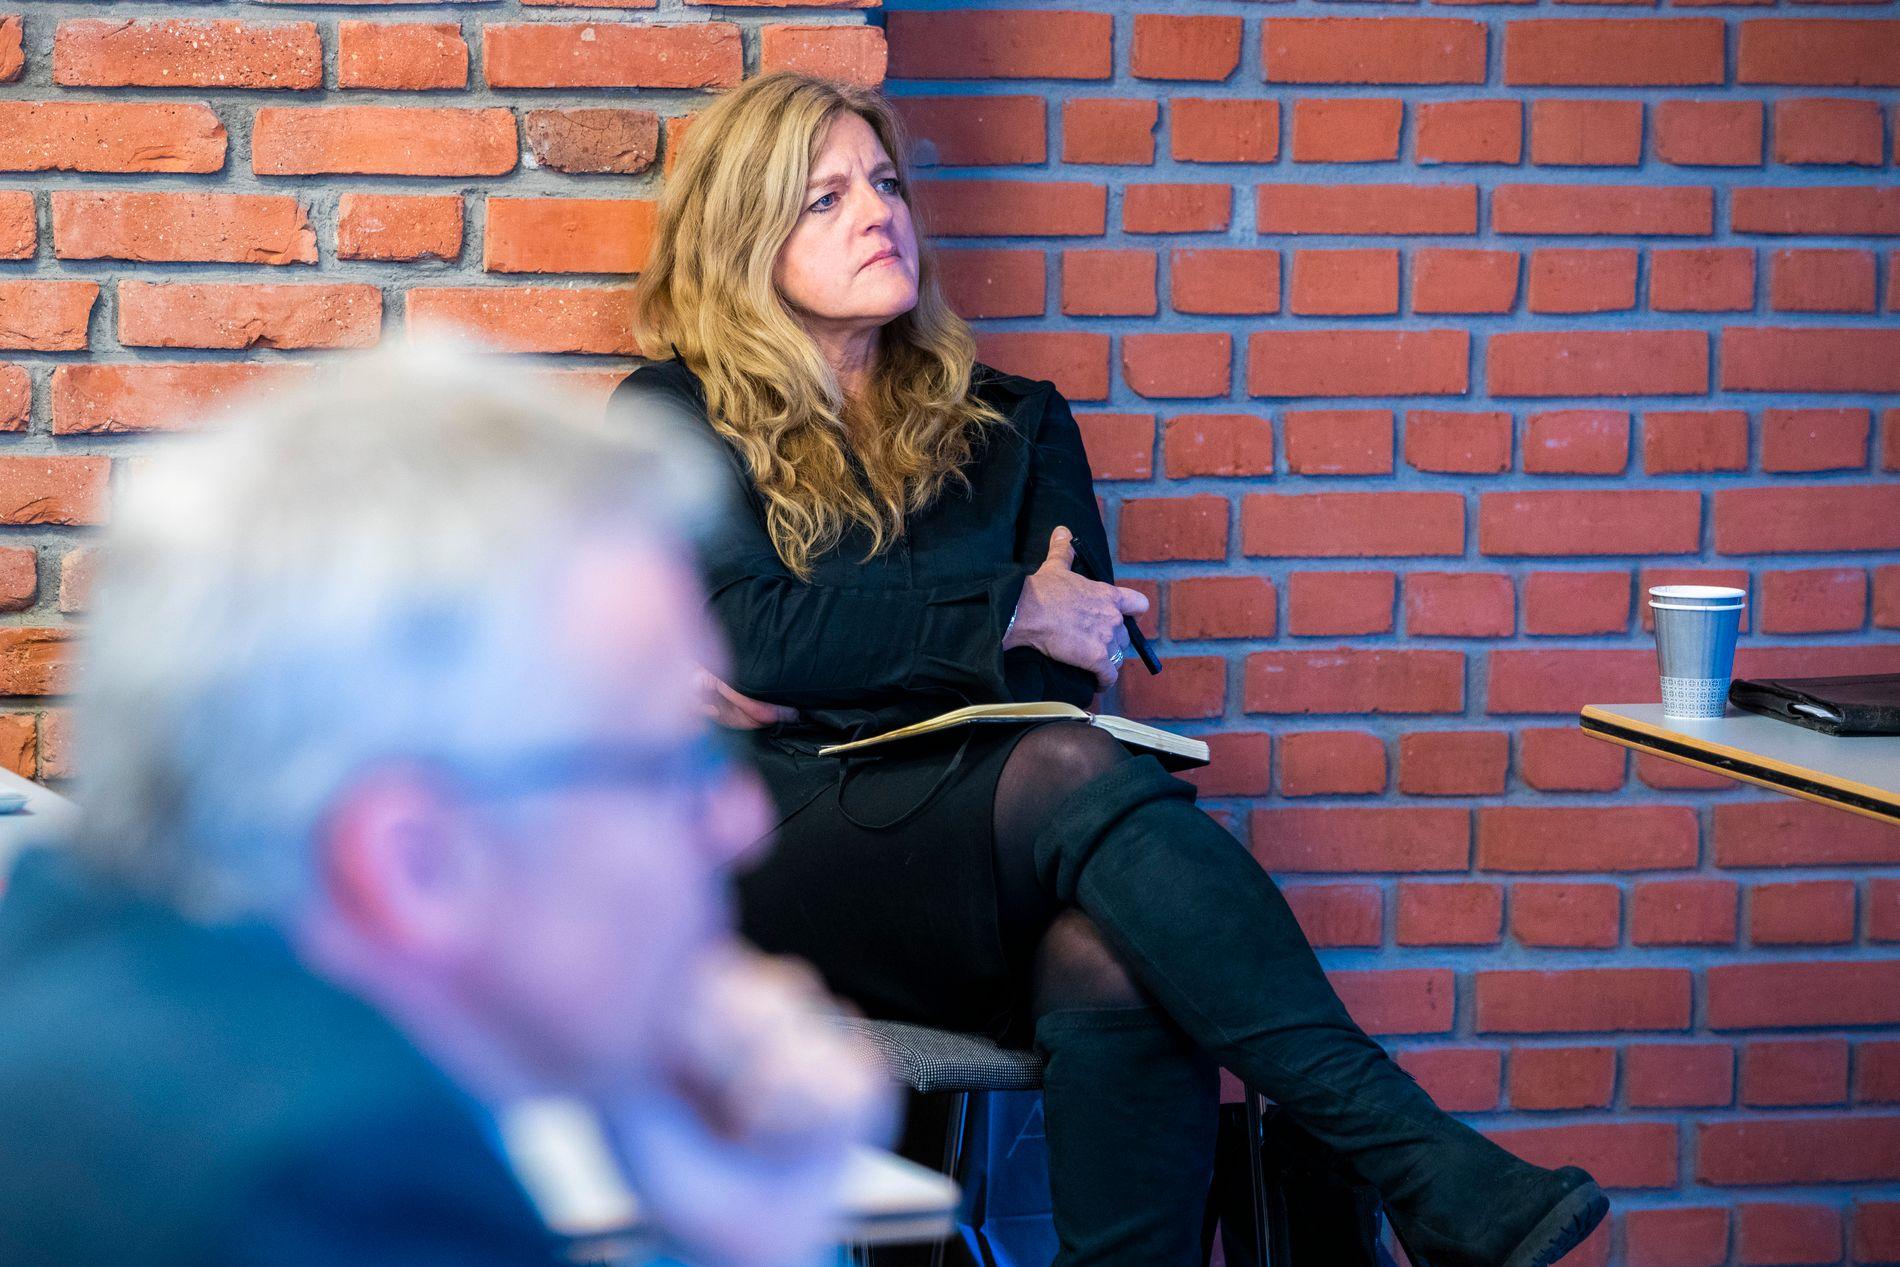 HAREIDES HØYRE HÅND: Generalsekretær Hilde Frafjord Johnson, her i et møterom på Stortinget i Oslo mens hun lytter til Knut Arild Hareides tale til landsstyret i KrF 28. september i år.